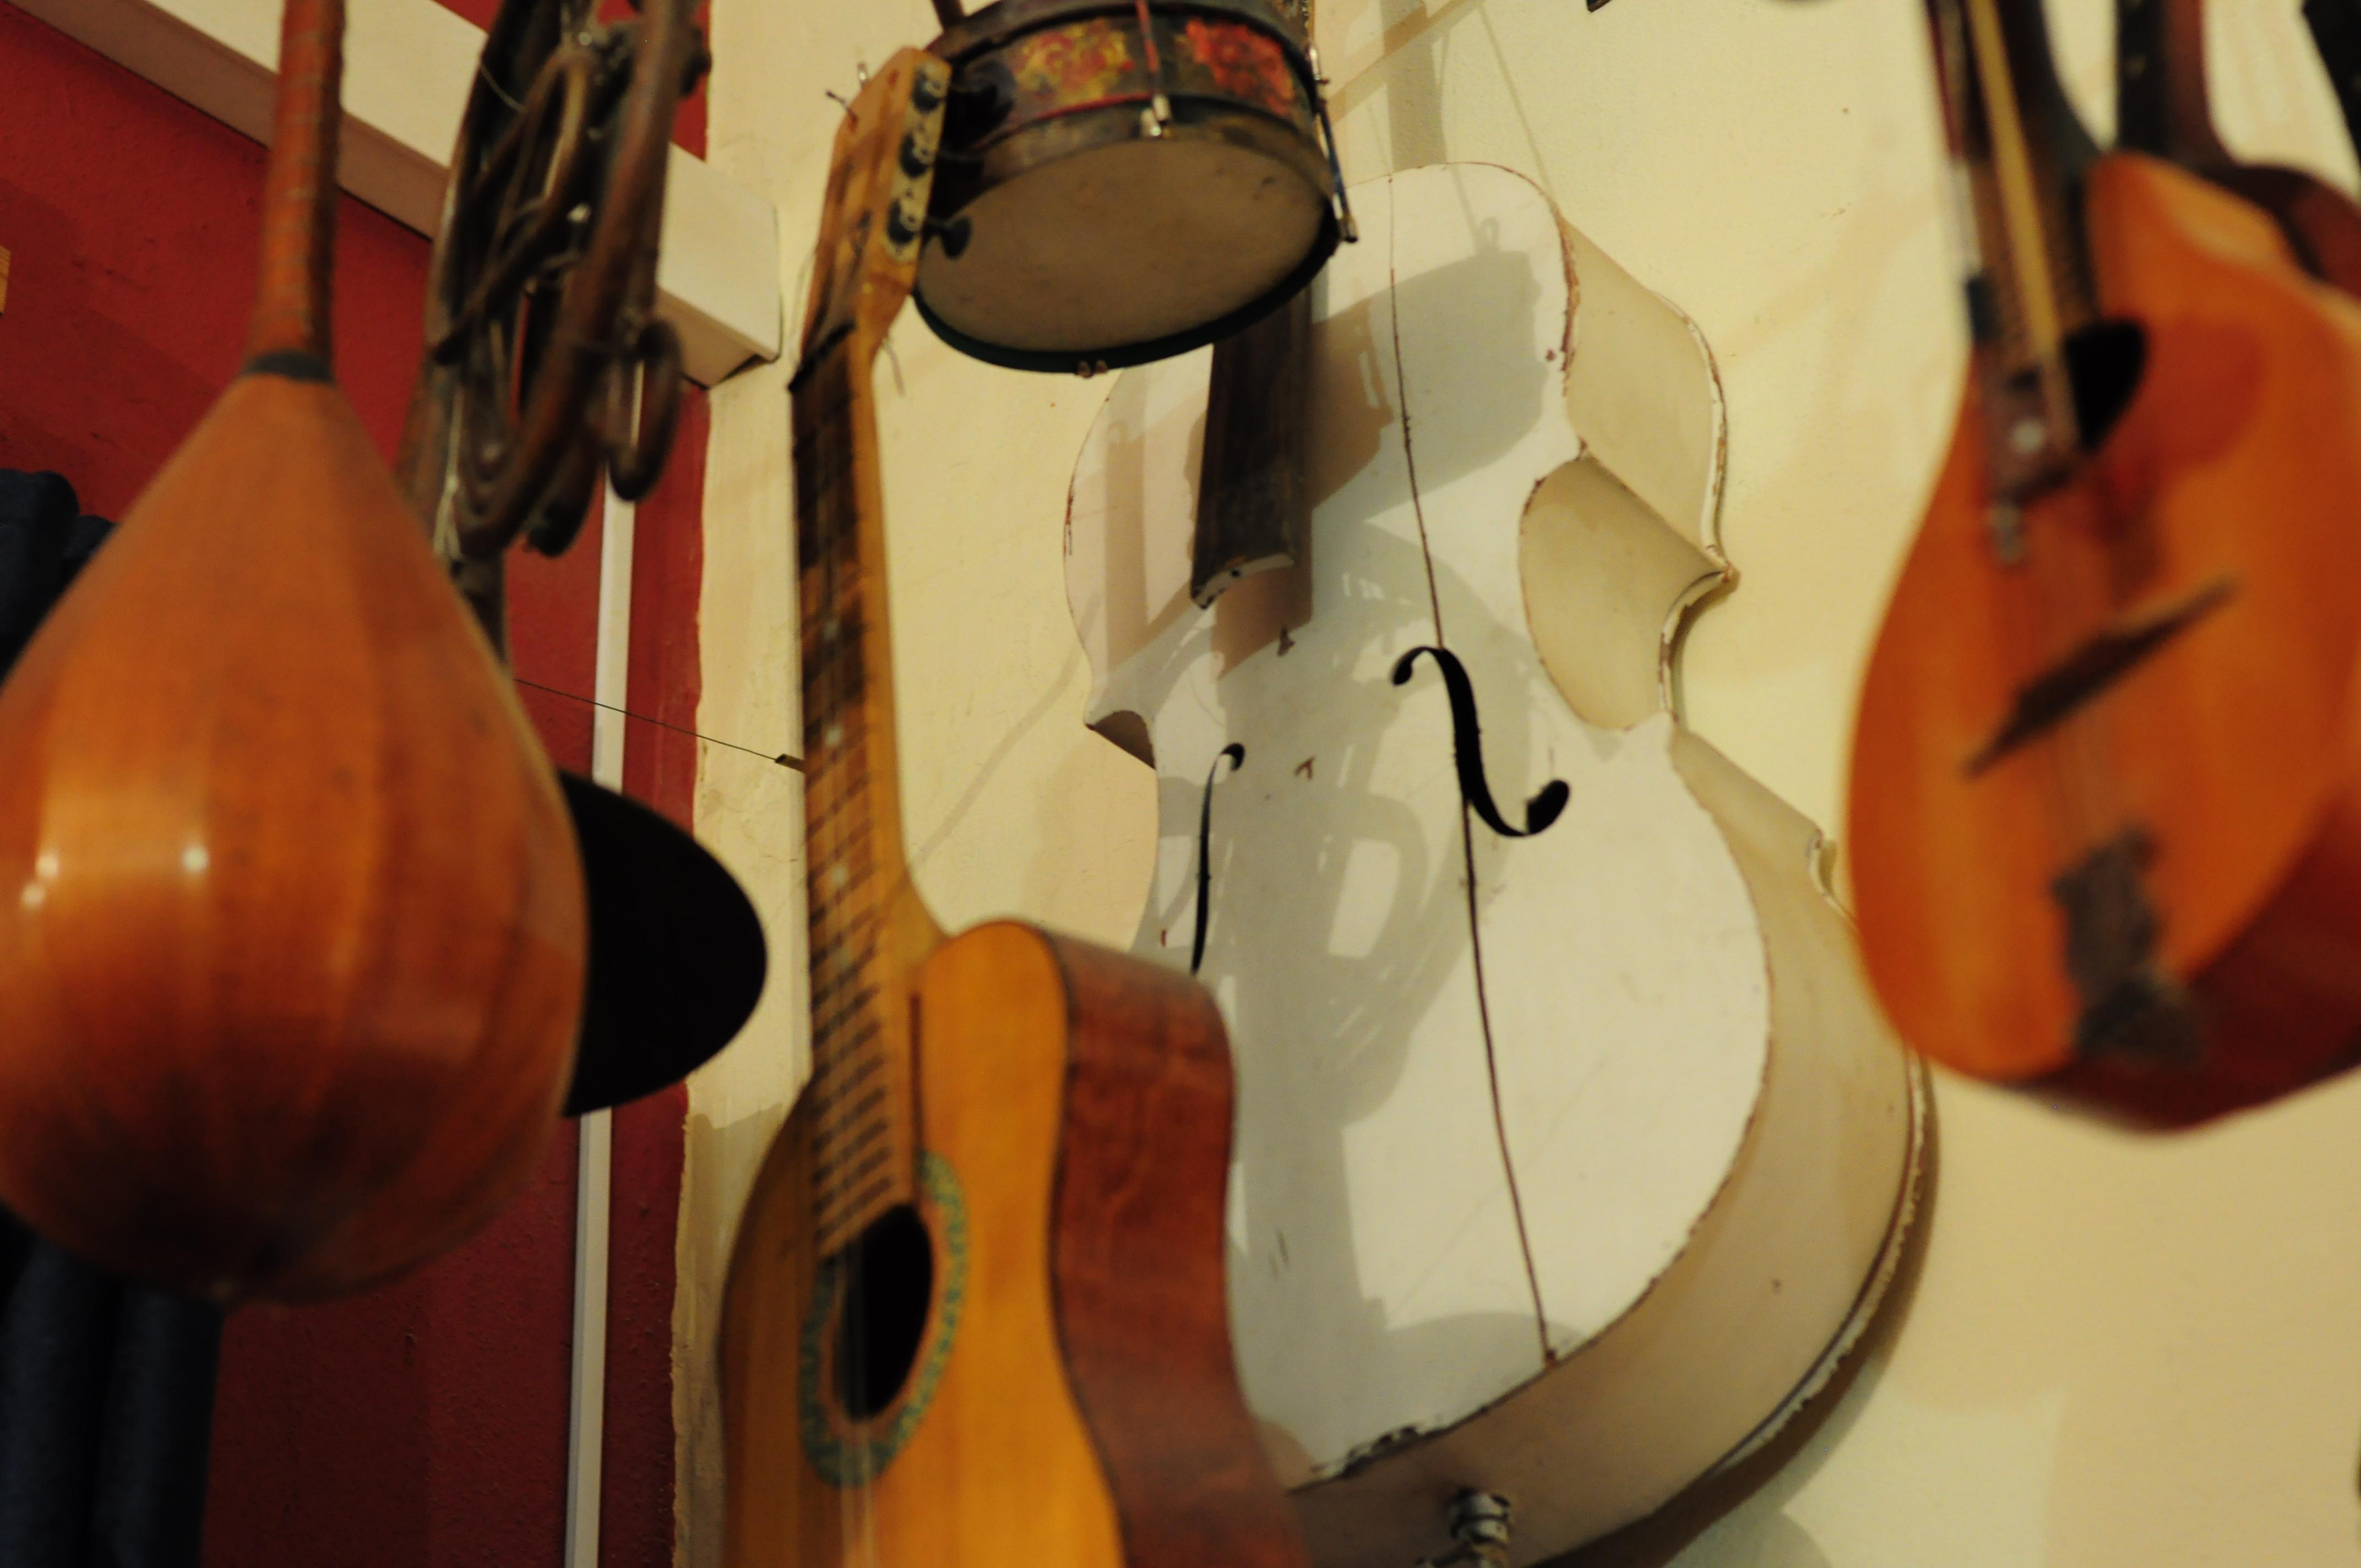 Музыкальные инструменты часто используются для натюрмортов (фото Марина Демченко)